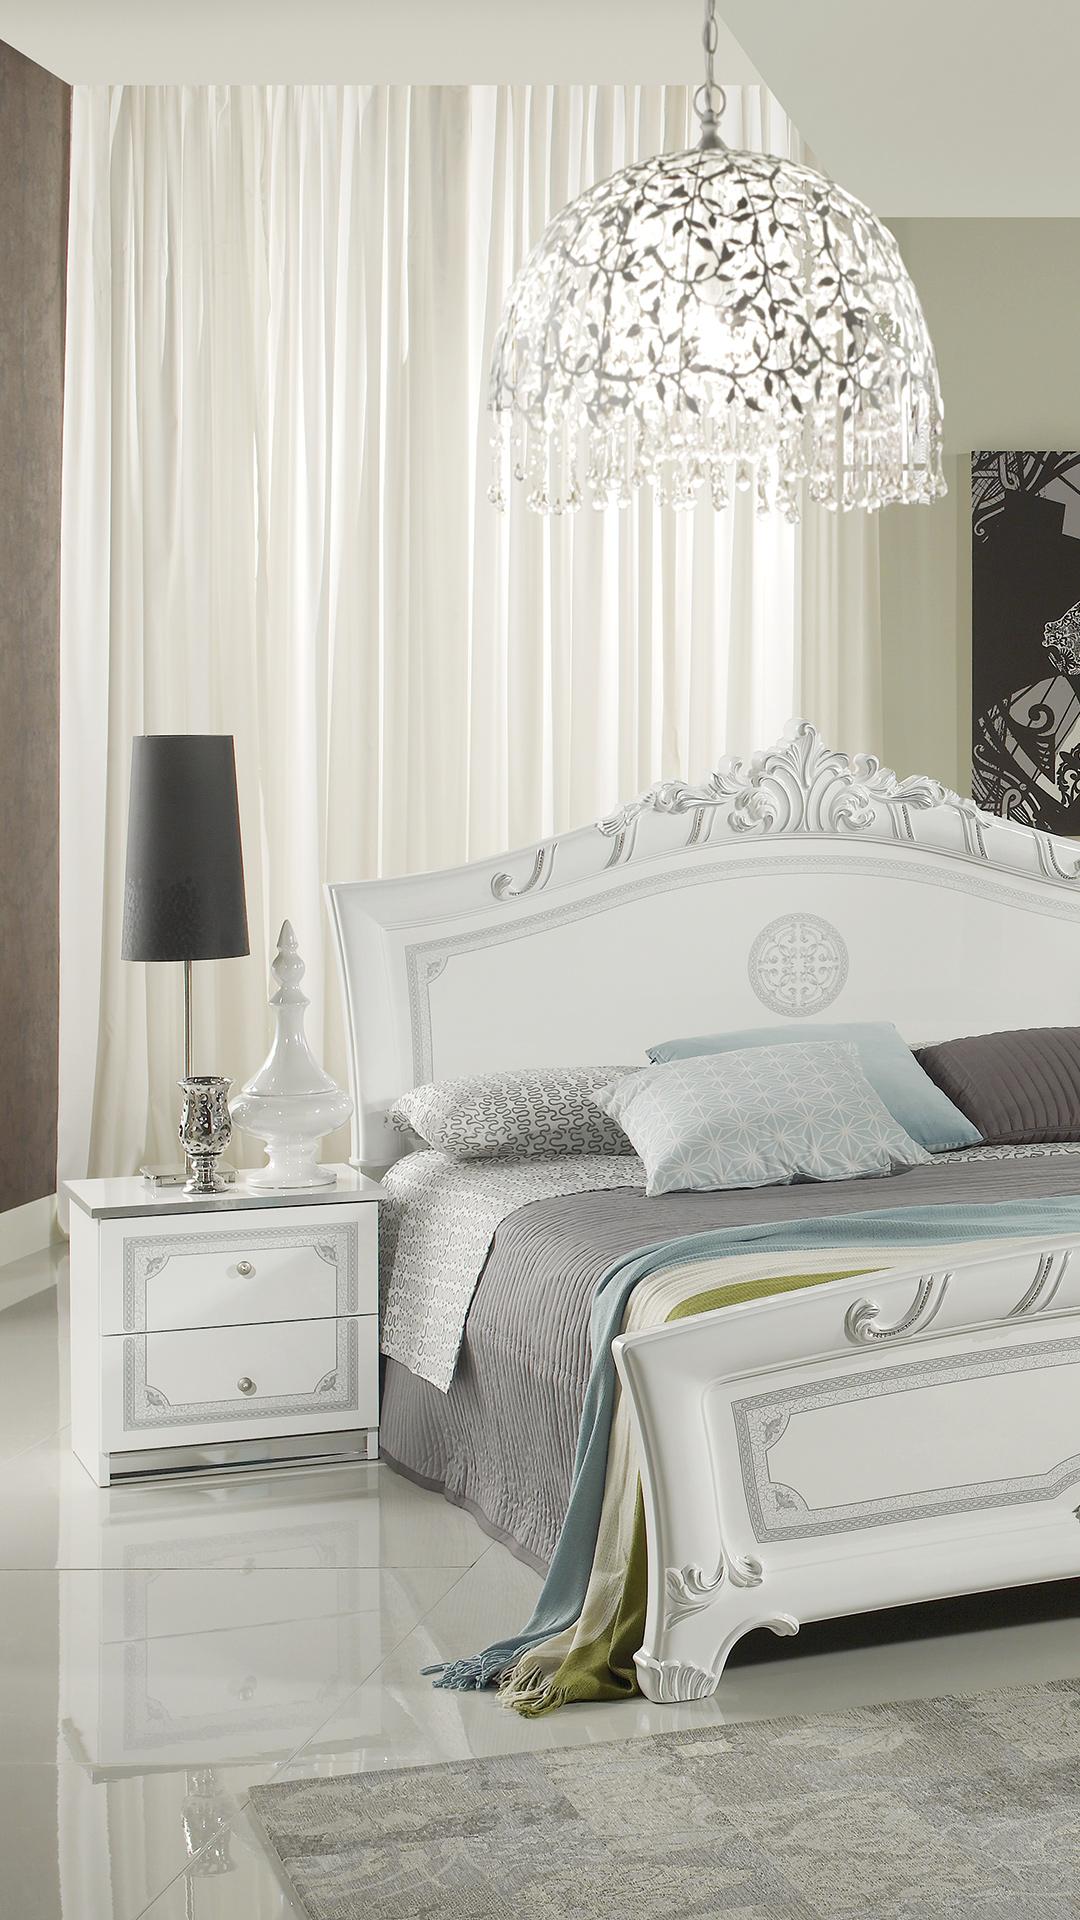 greta weiss mit 6 trg kleiderschrank schlafzimmer yuvam. Black Bedroom Furniture Sets. Home Design Ideas